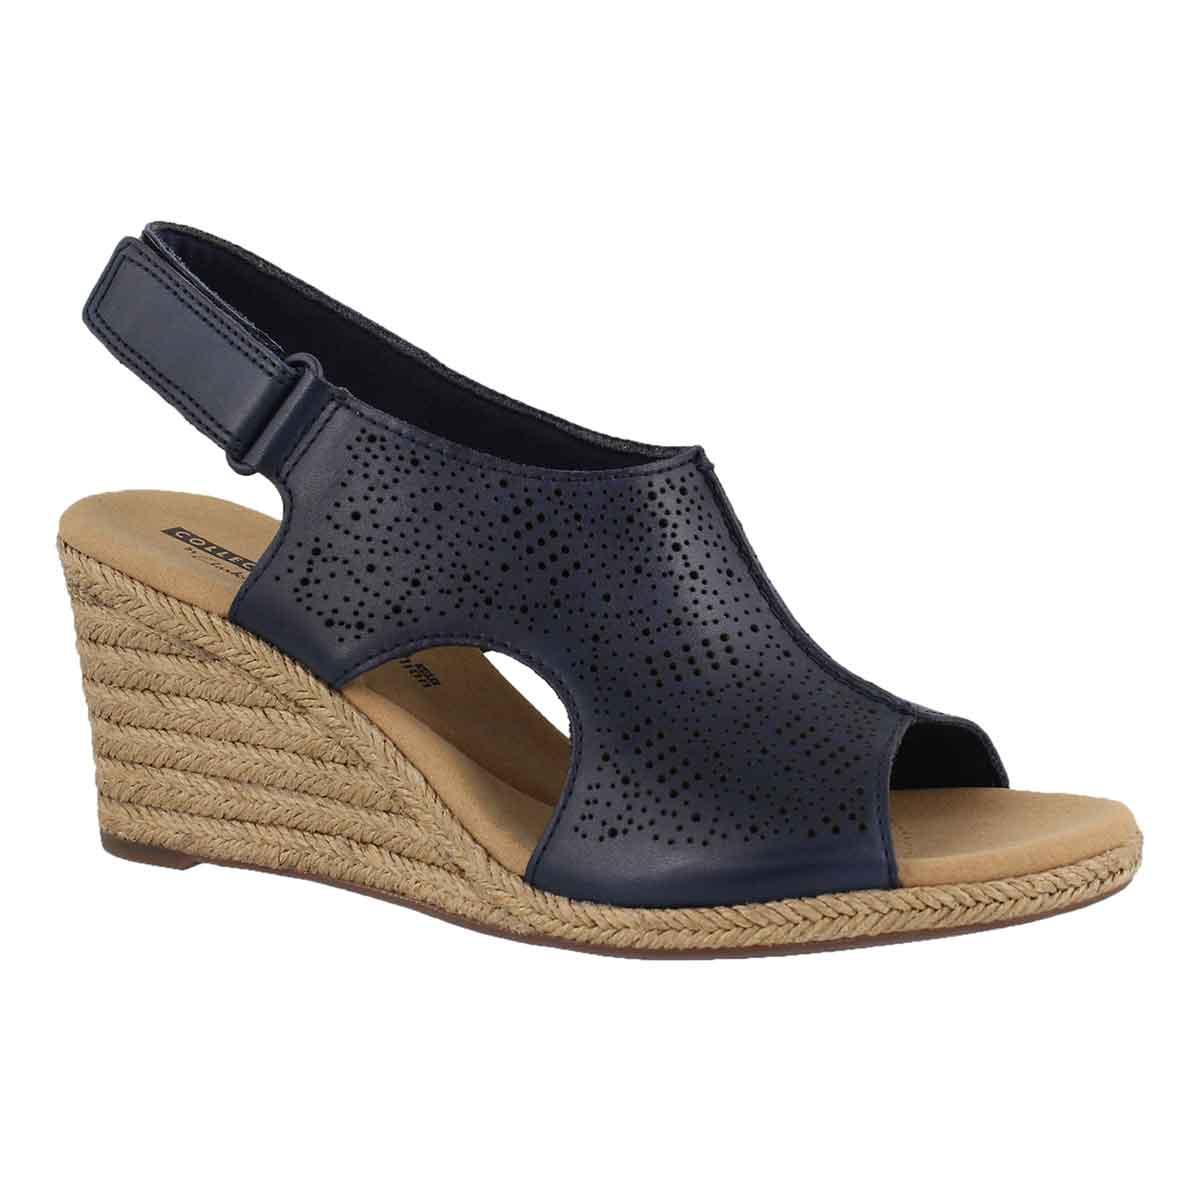 Lds Lafley Rosen navy wedge sandal